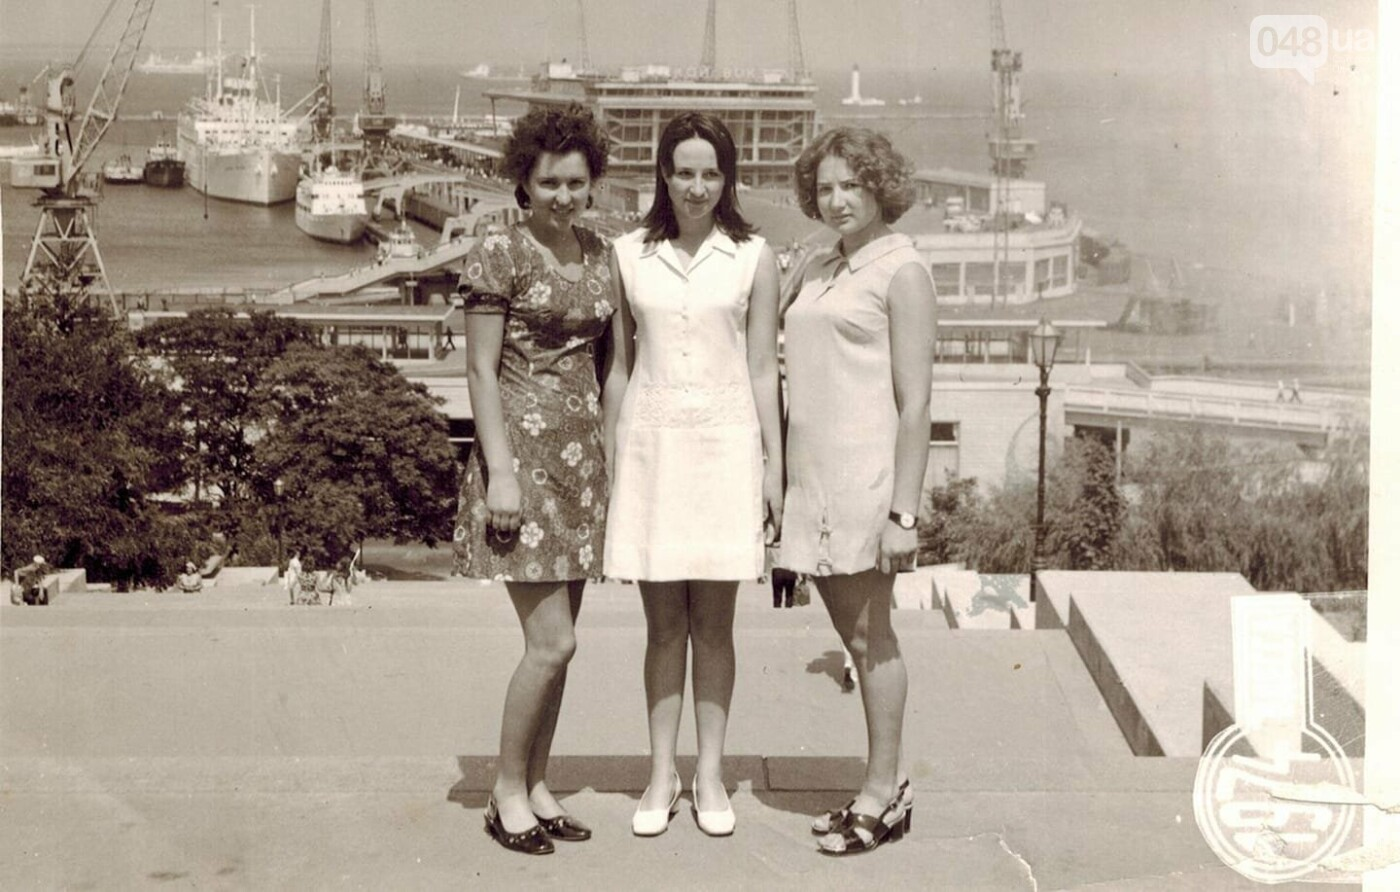 Старая Одесса на стиле: как одевались одесситы много лет назад, - ФОТО, фото-2